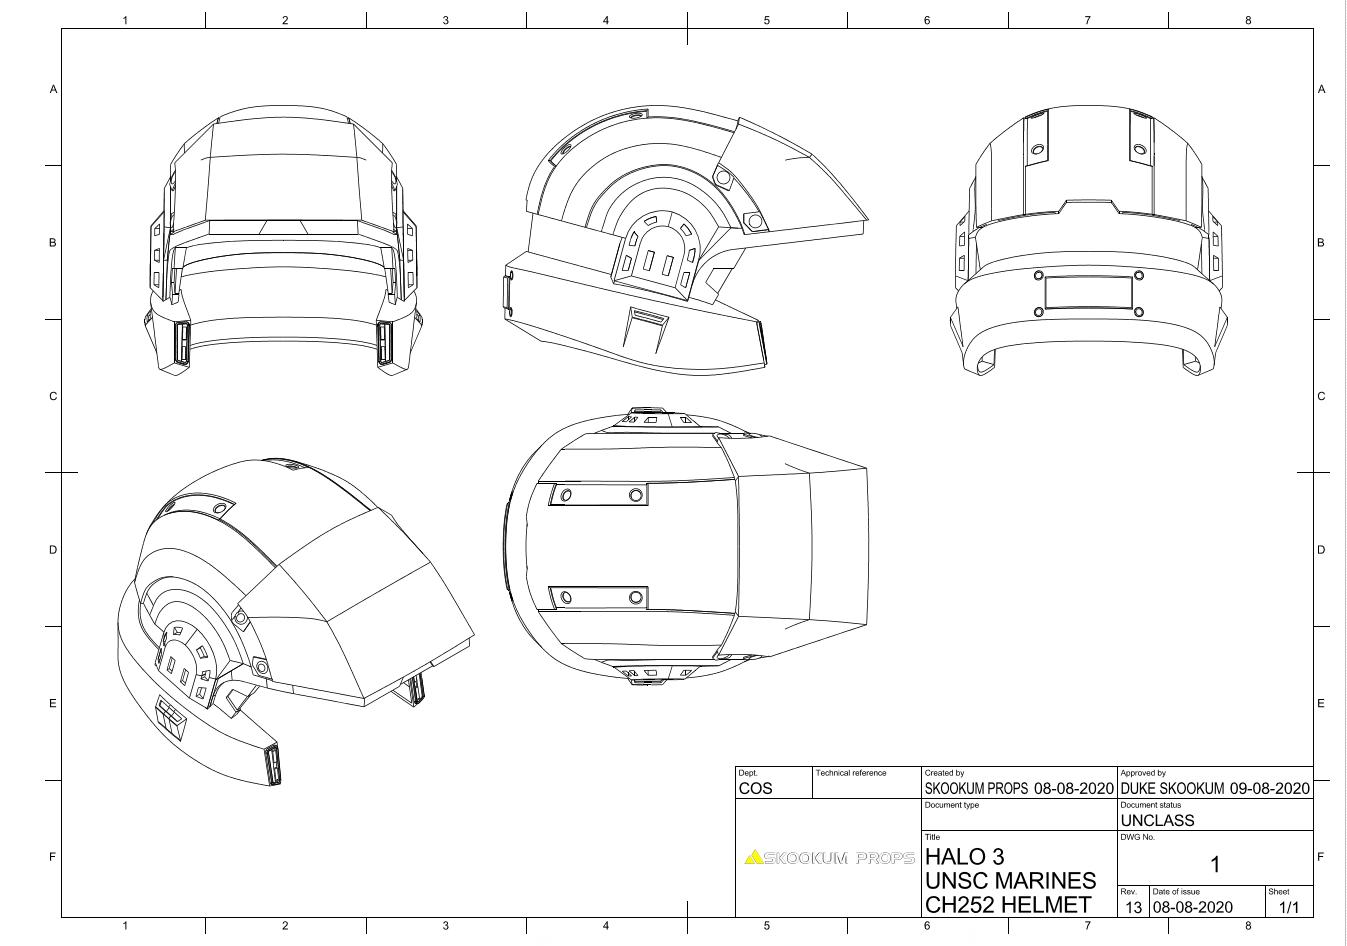 Helmet Drawing.png